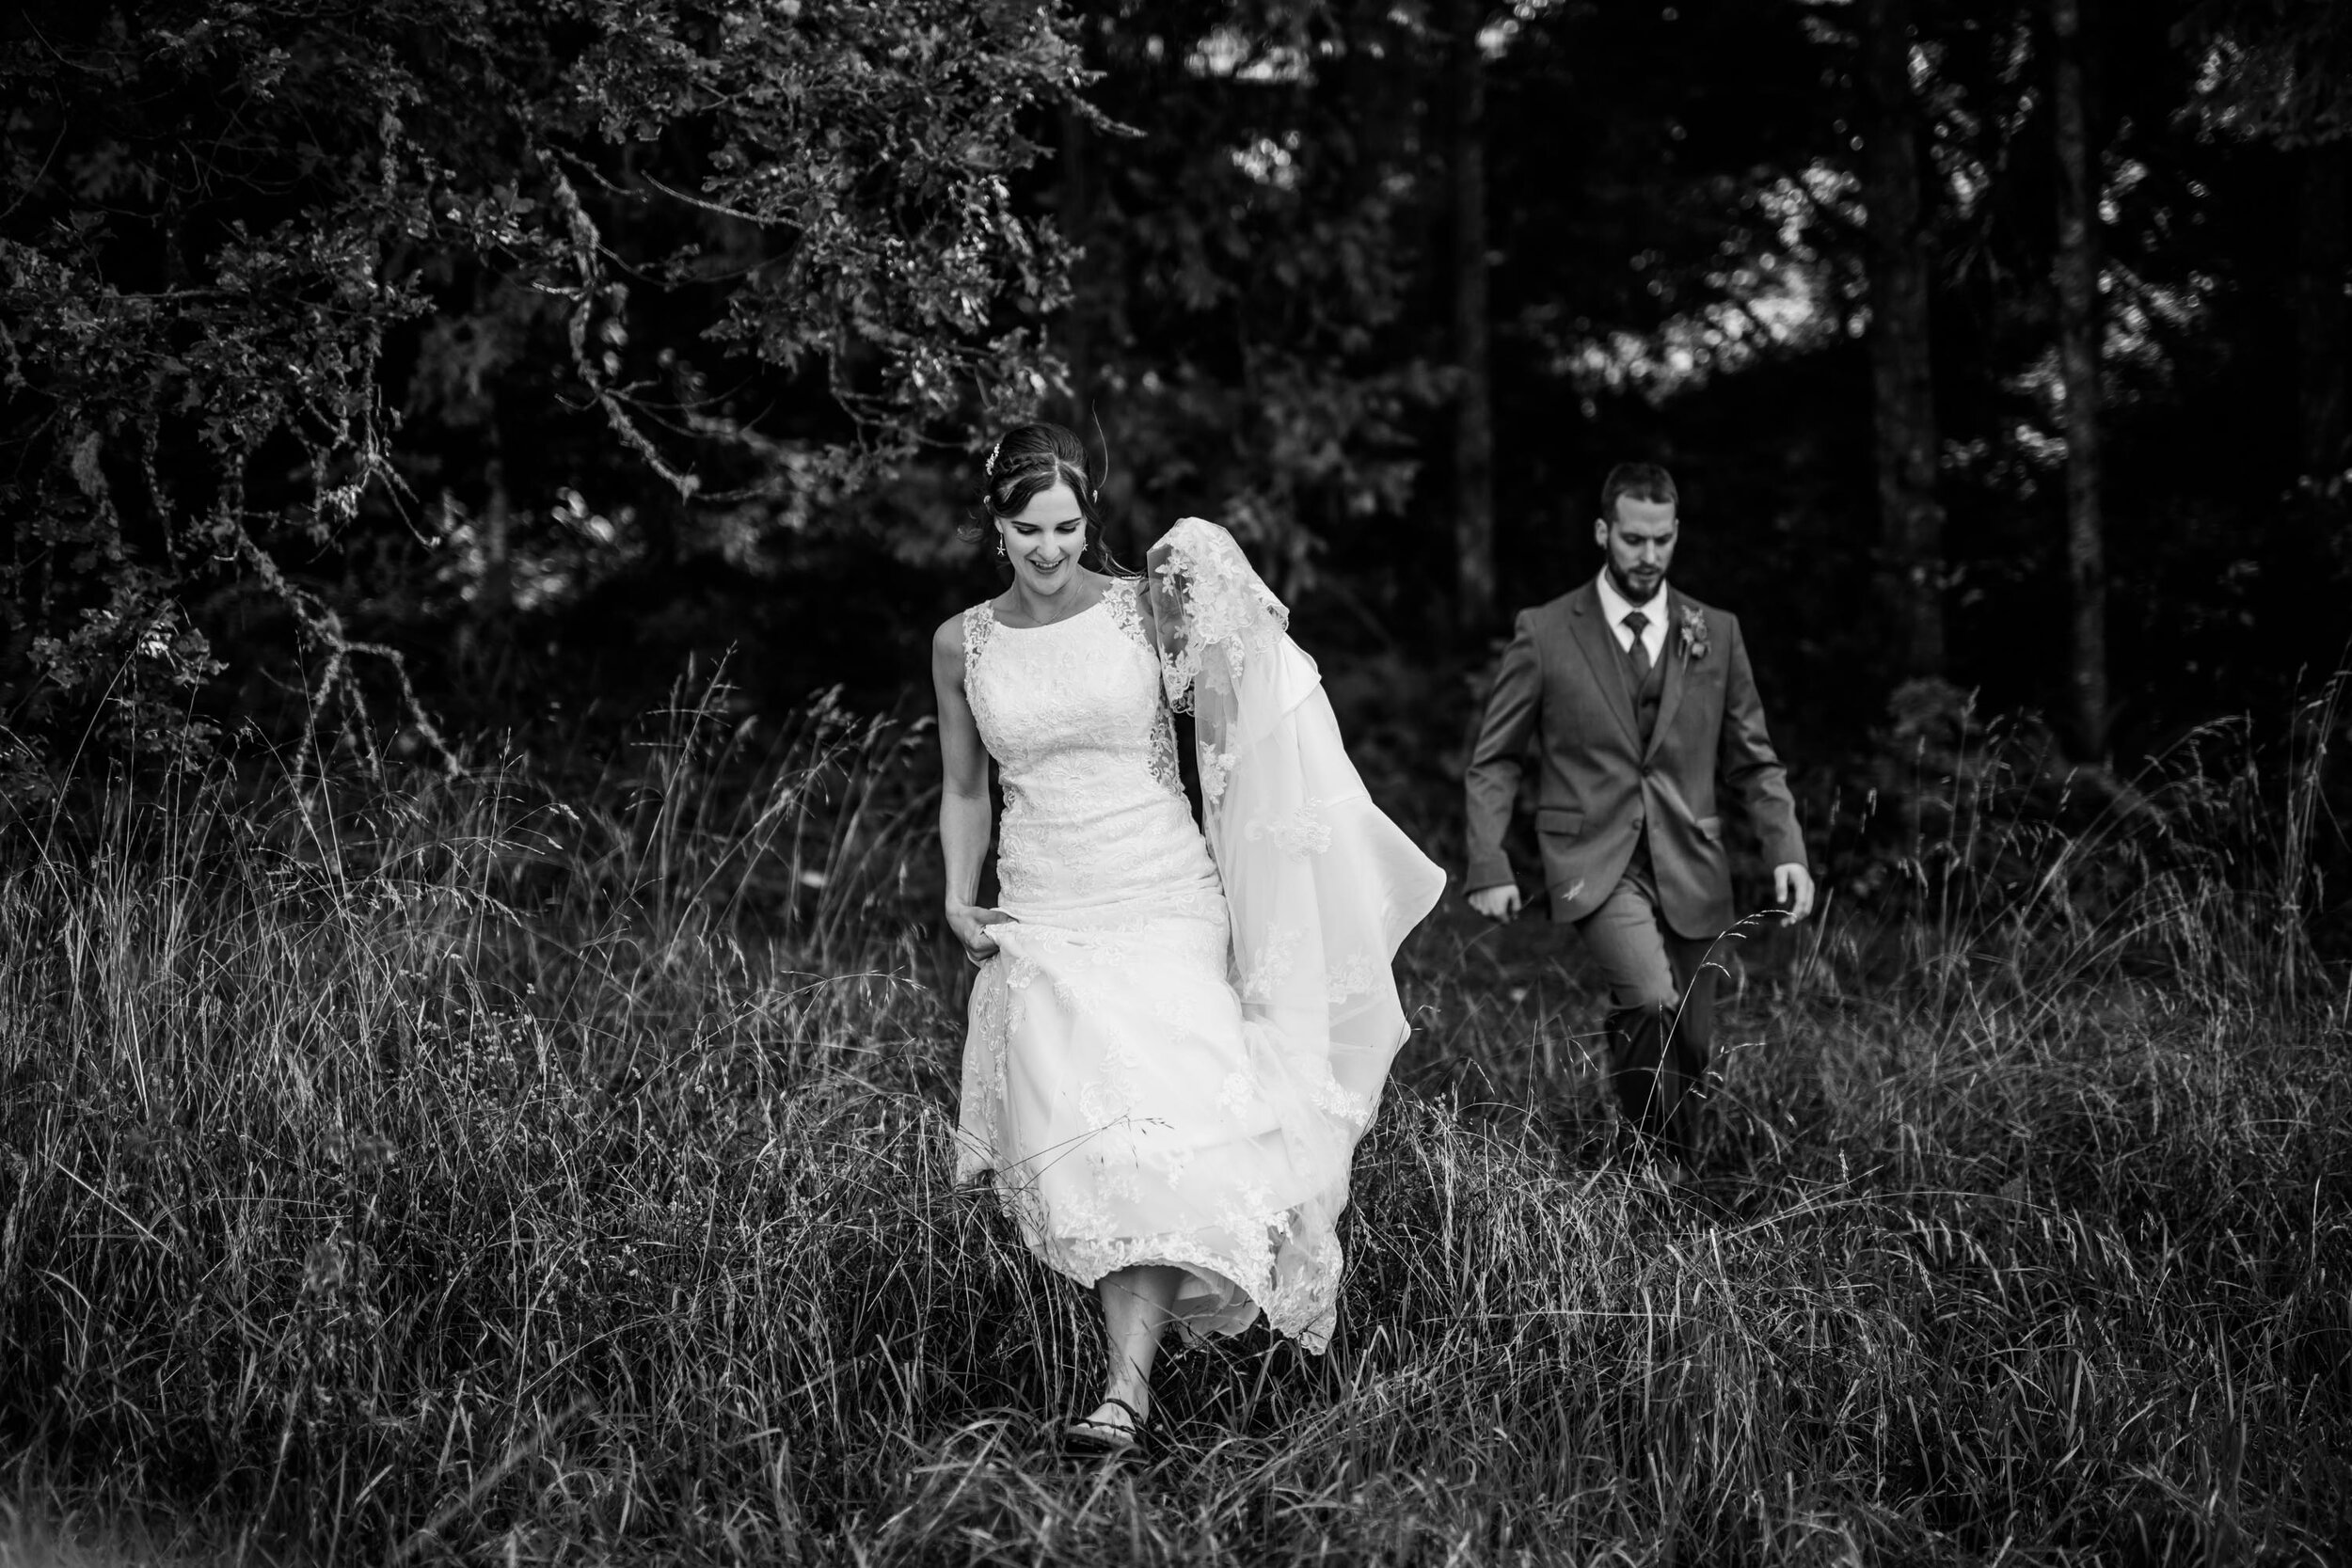 Mt. Pisgah Arboretum wedding photos 46.JPG